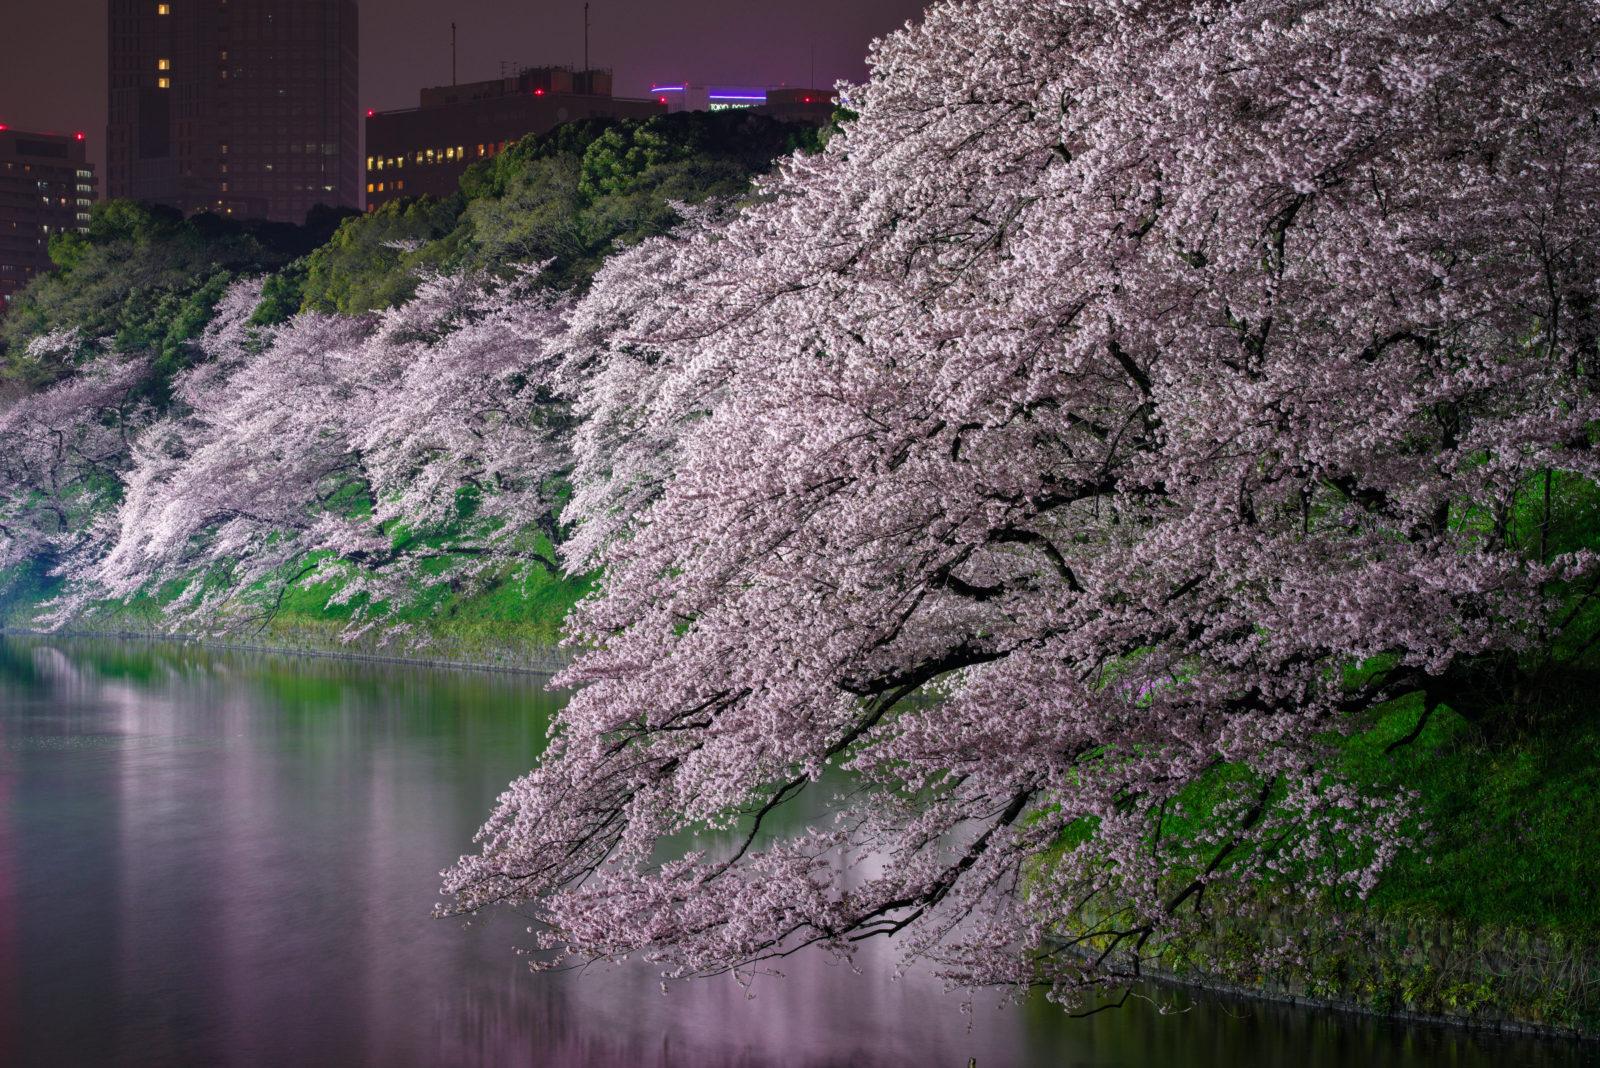 千鳥ヶ淵の桜ライトアップ2017 | PENTAX K-1&D FA★70-200mm